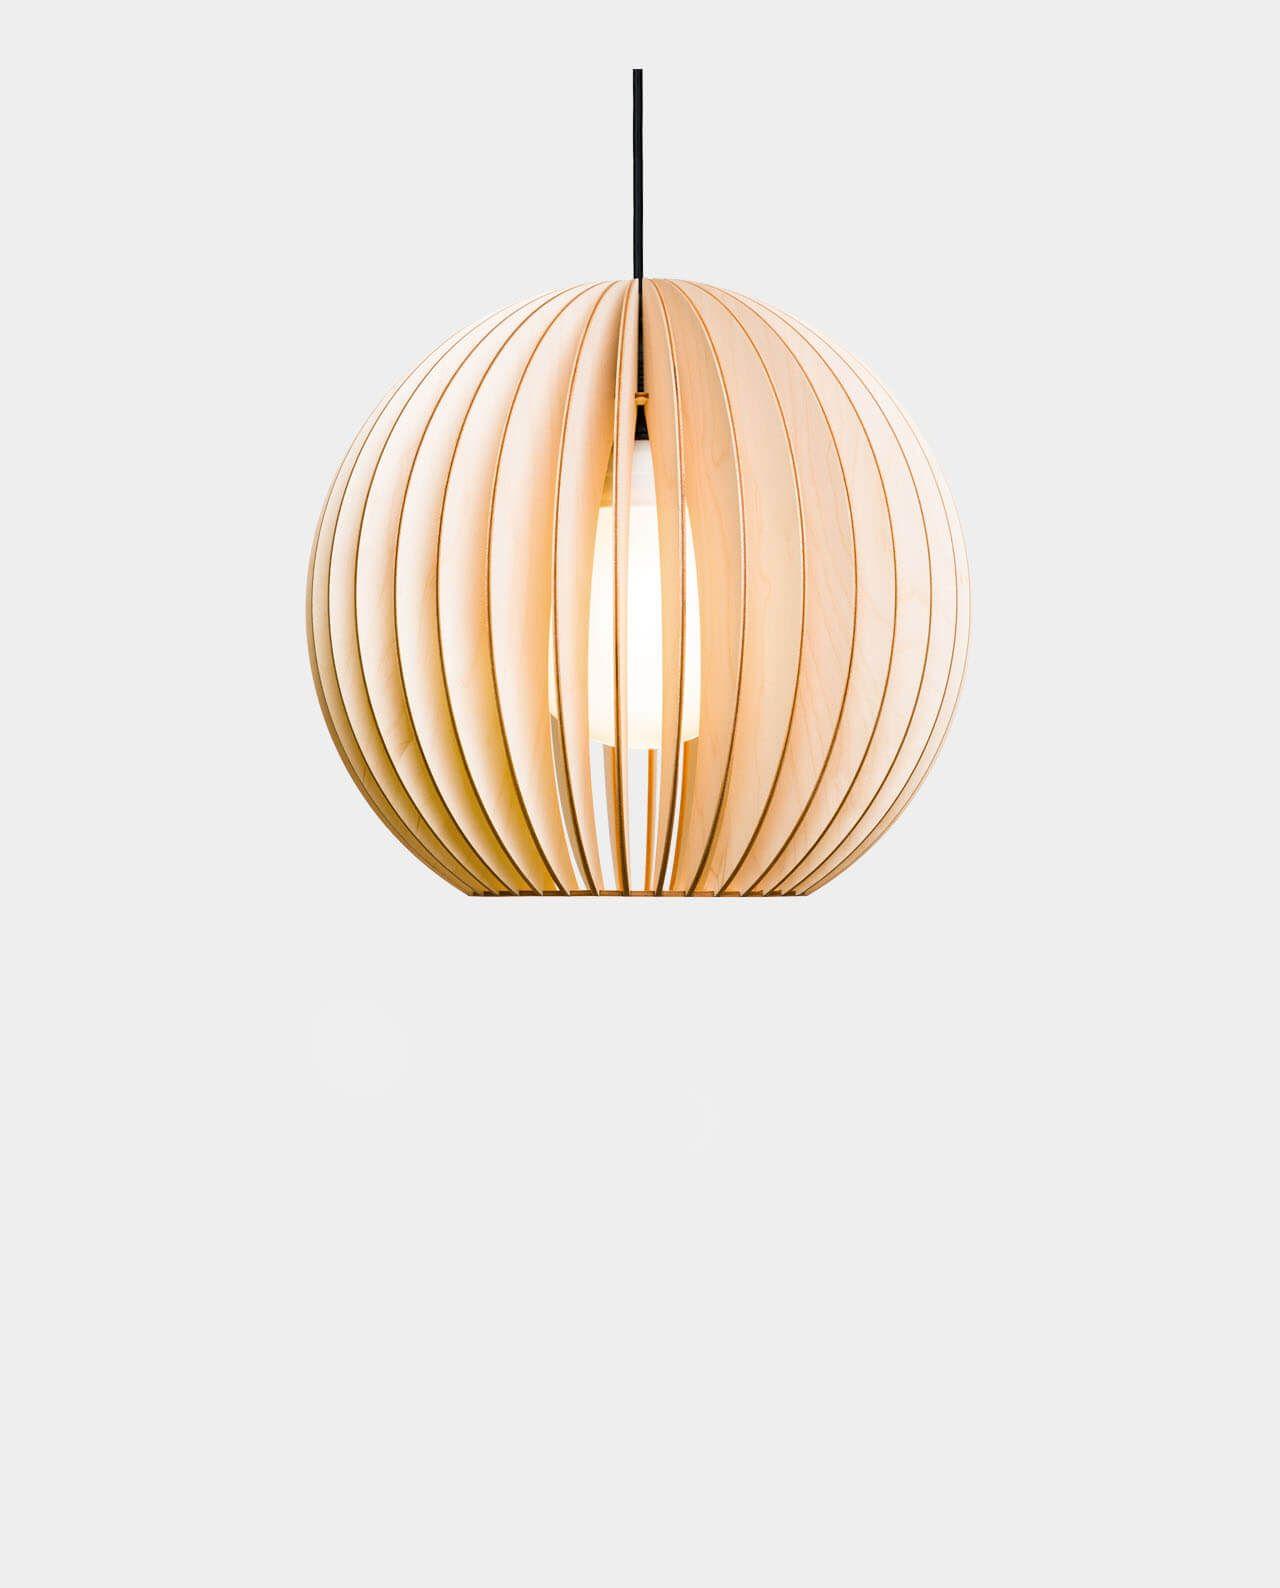 Hangelampe Aion In 2020 Holz Hangelampe Hange Lampe Und Beleuchtung Decke